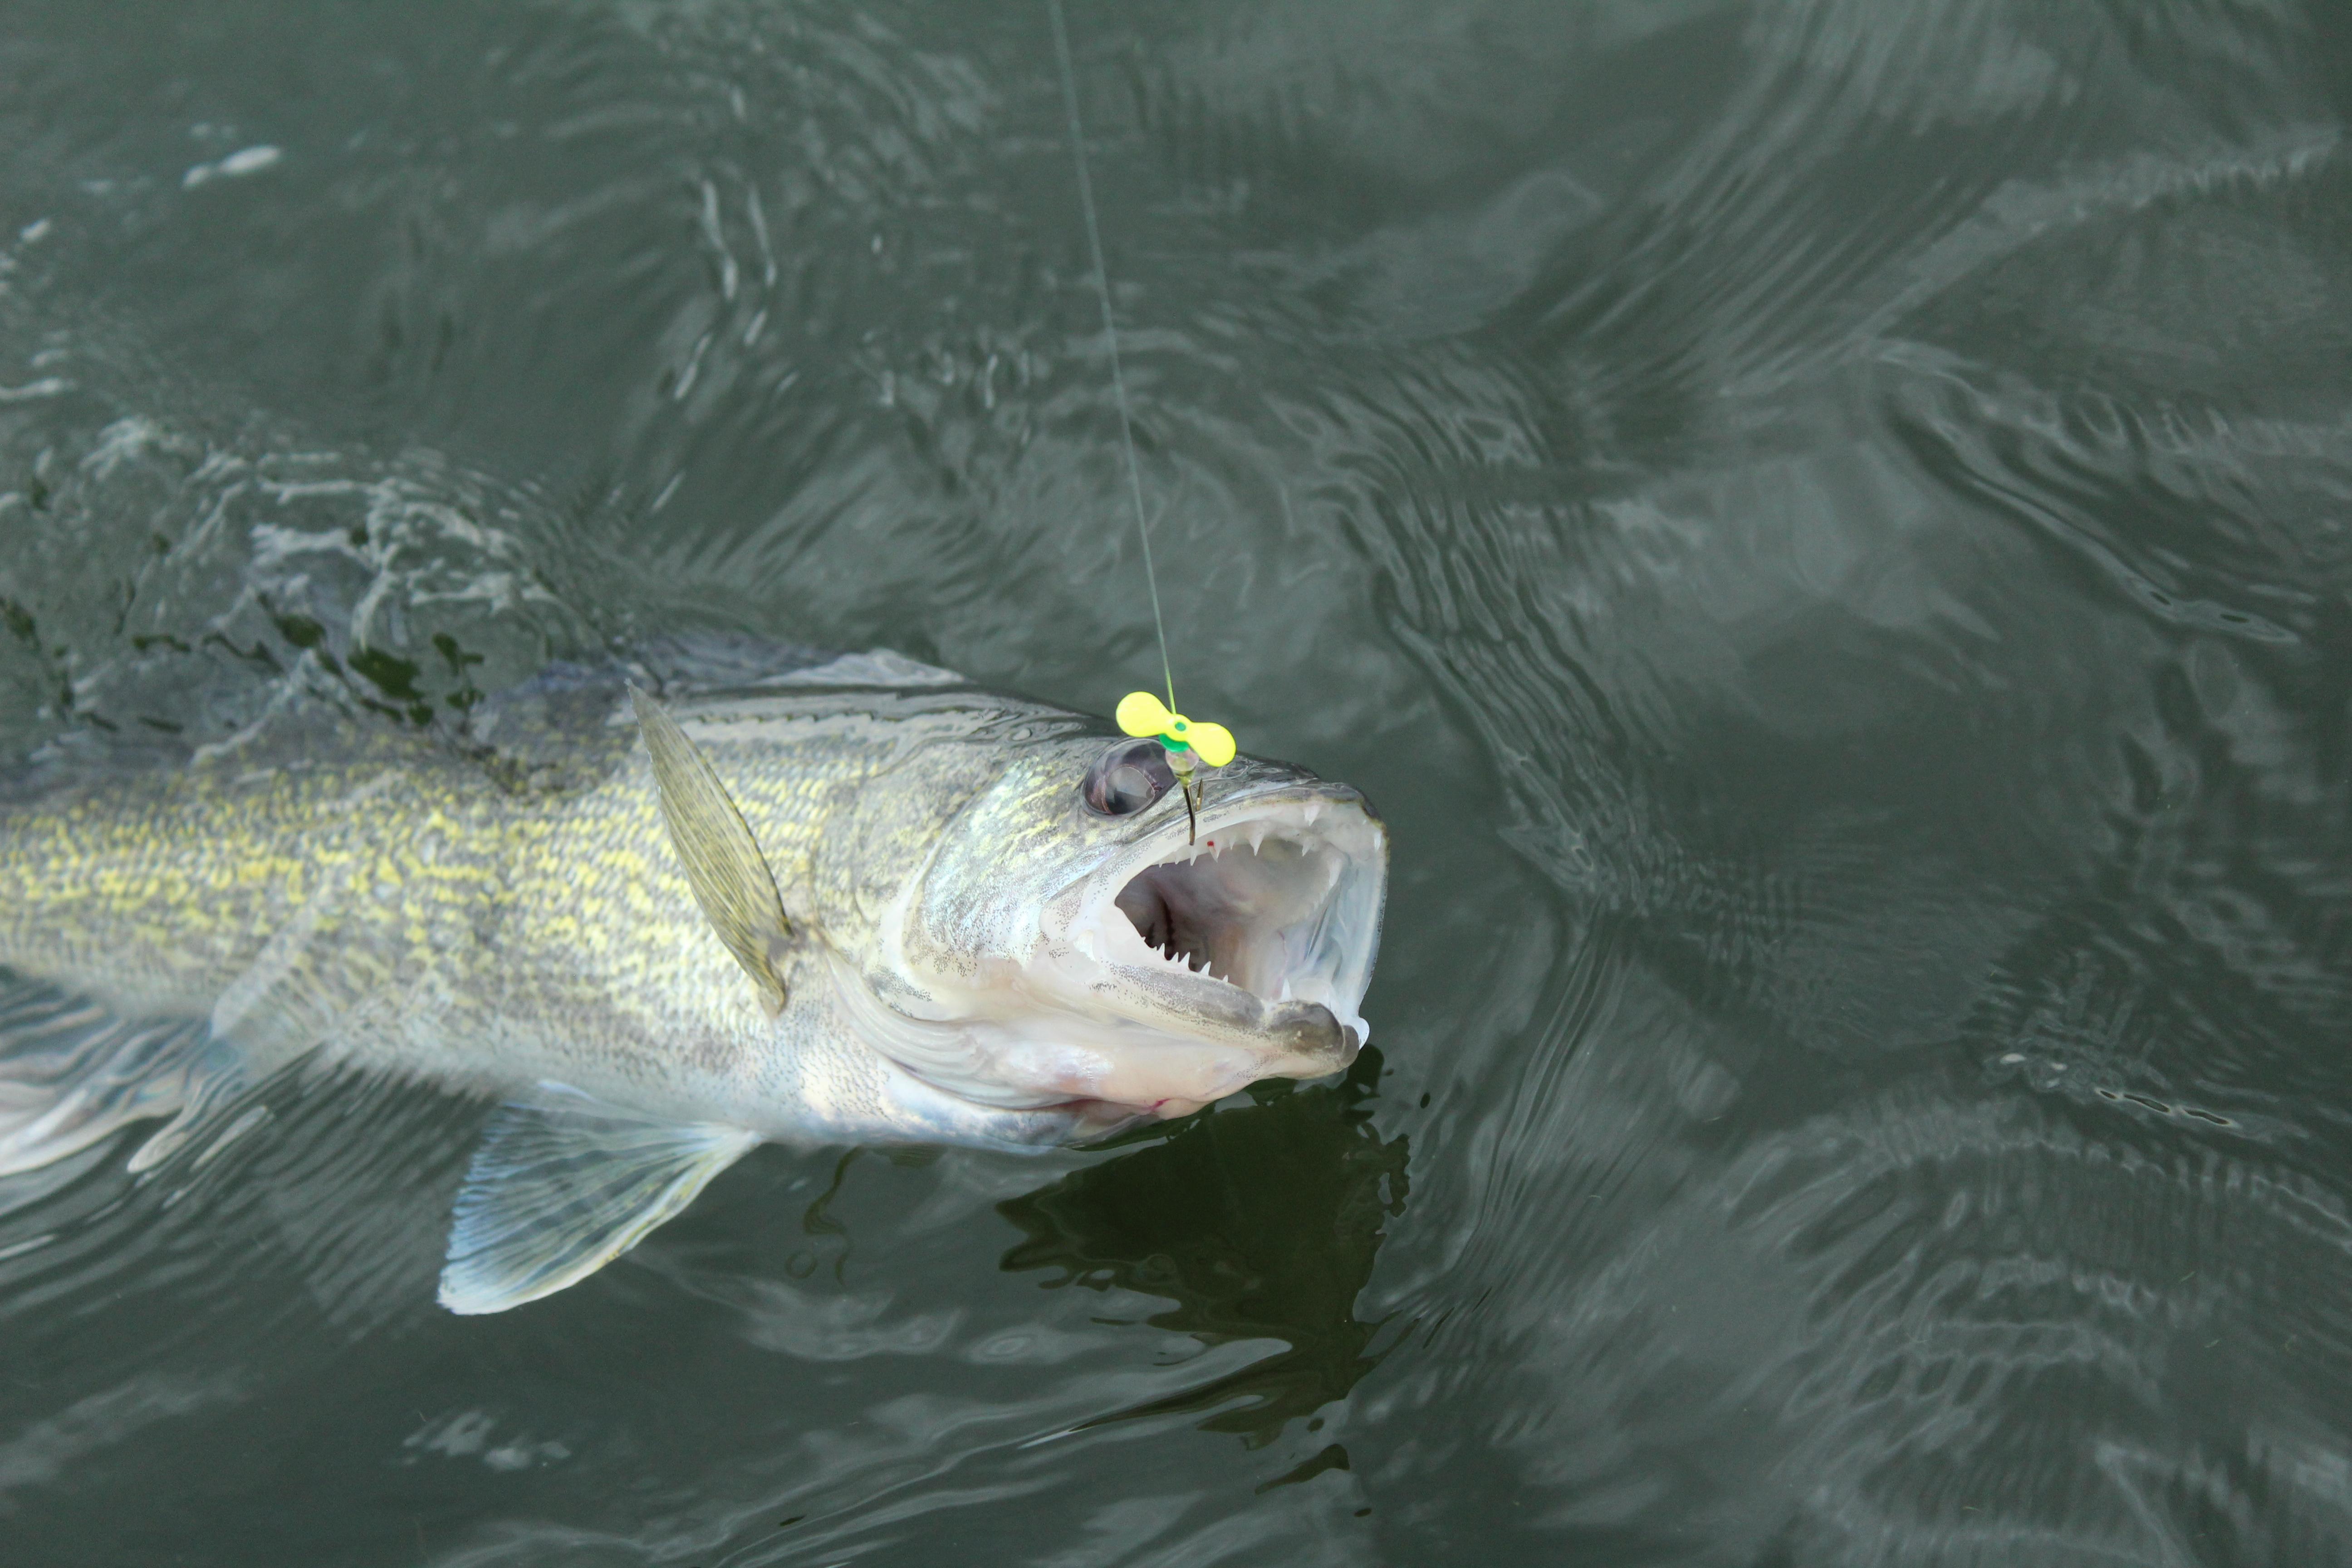 Fish the Original